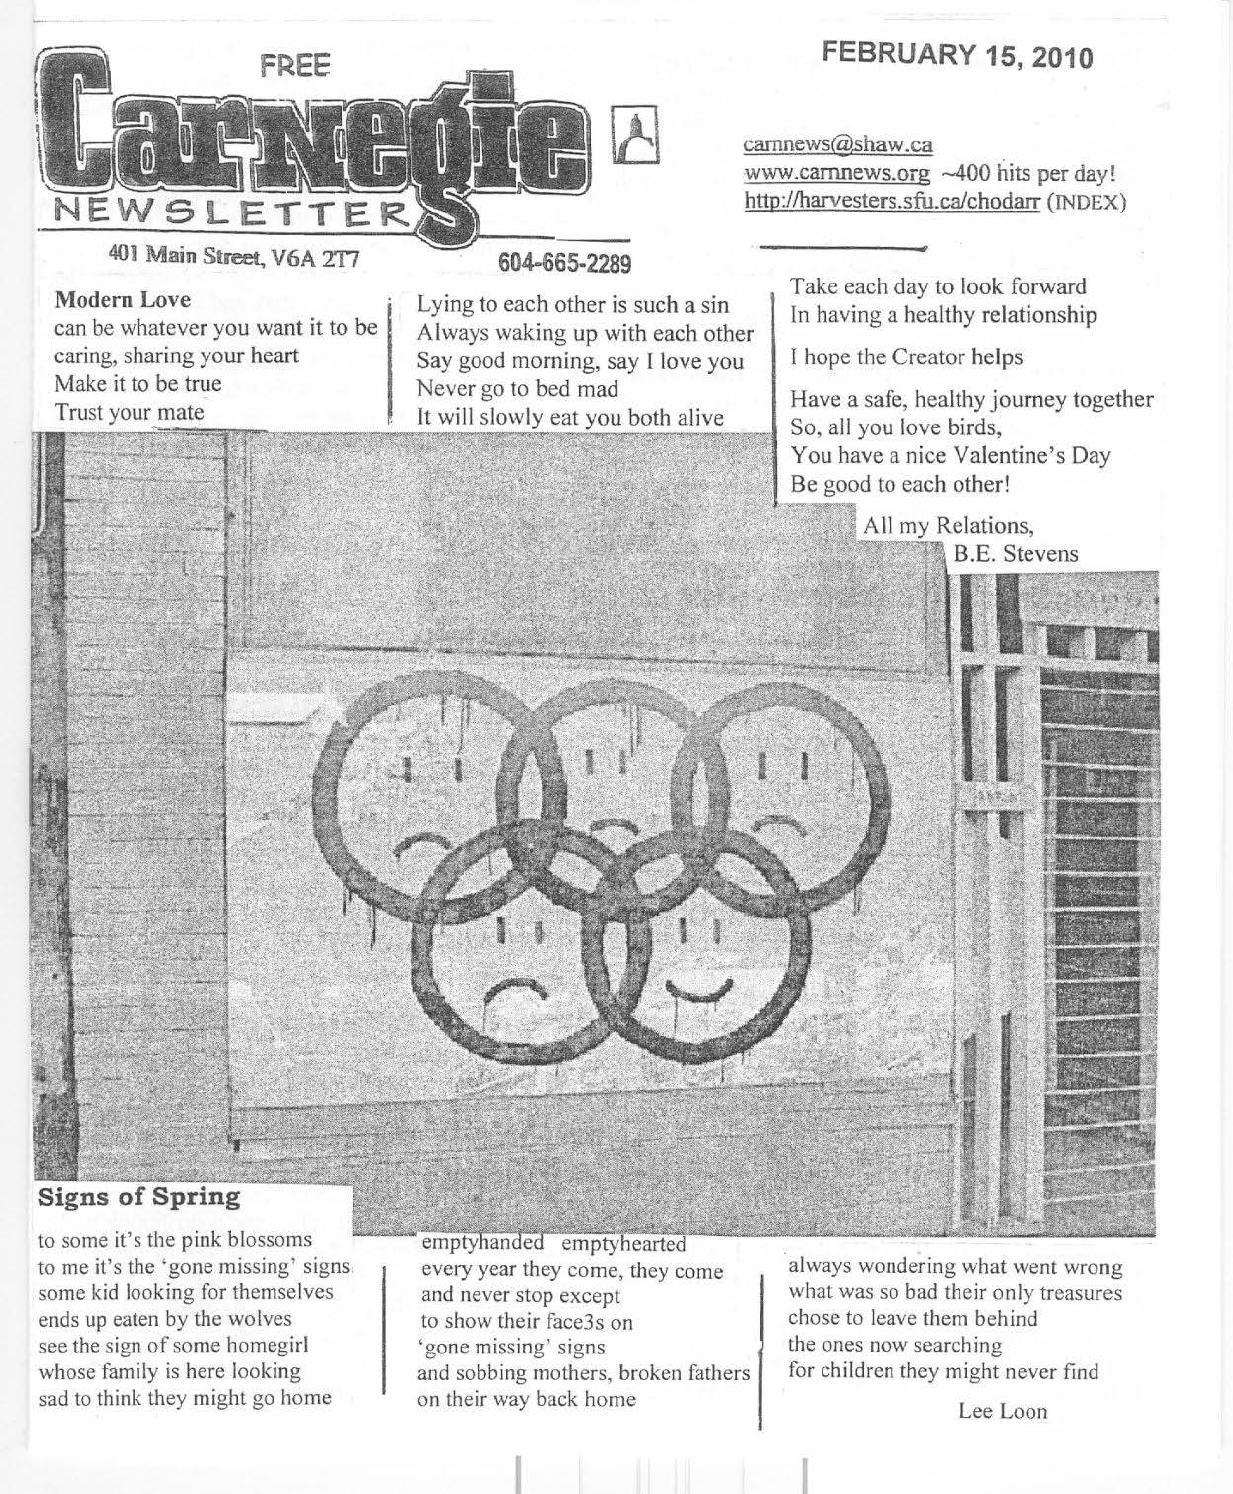 February 15, 2010, carnegie newsletter by Carnegie Newsletter - issuu